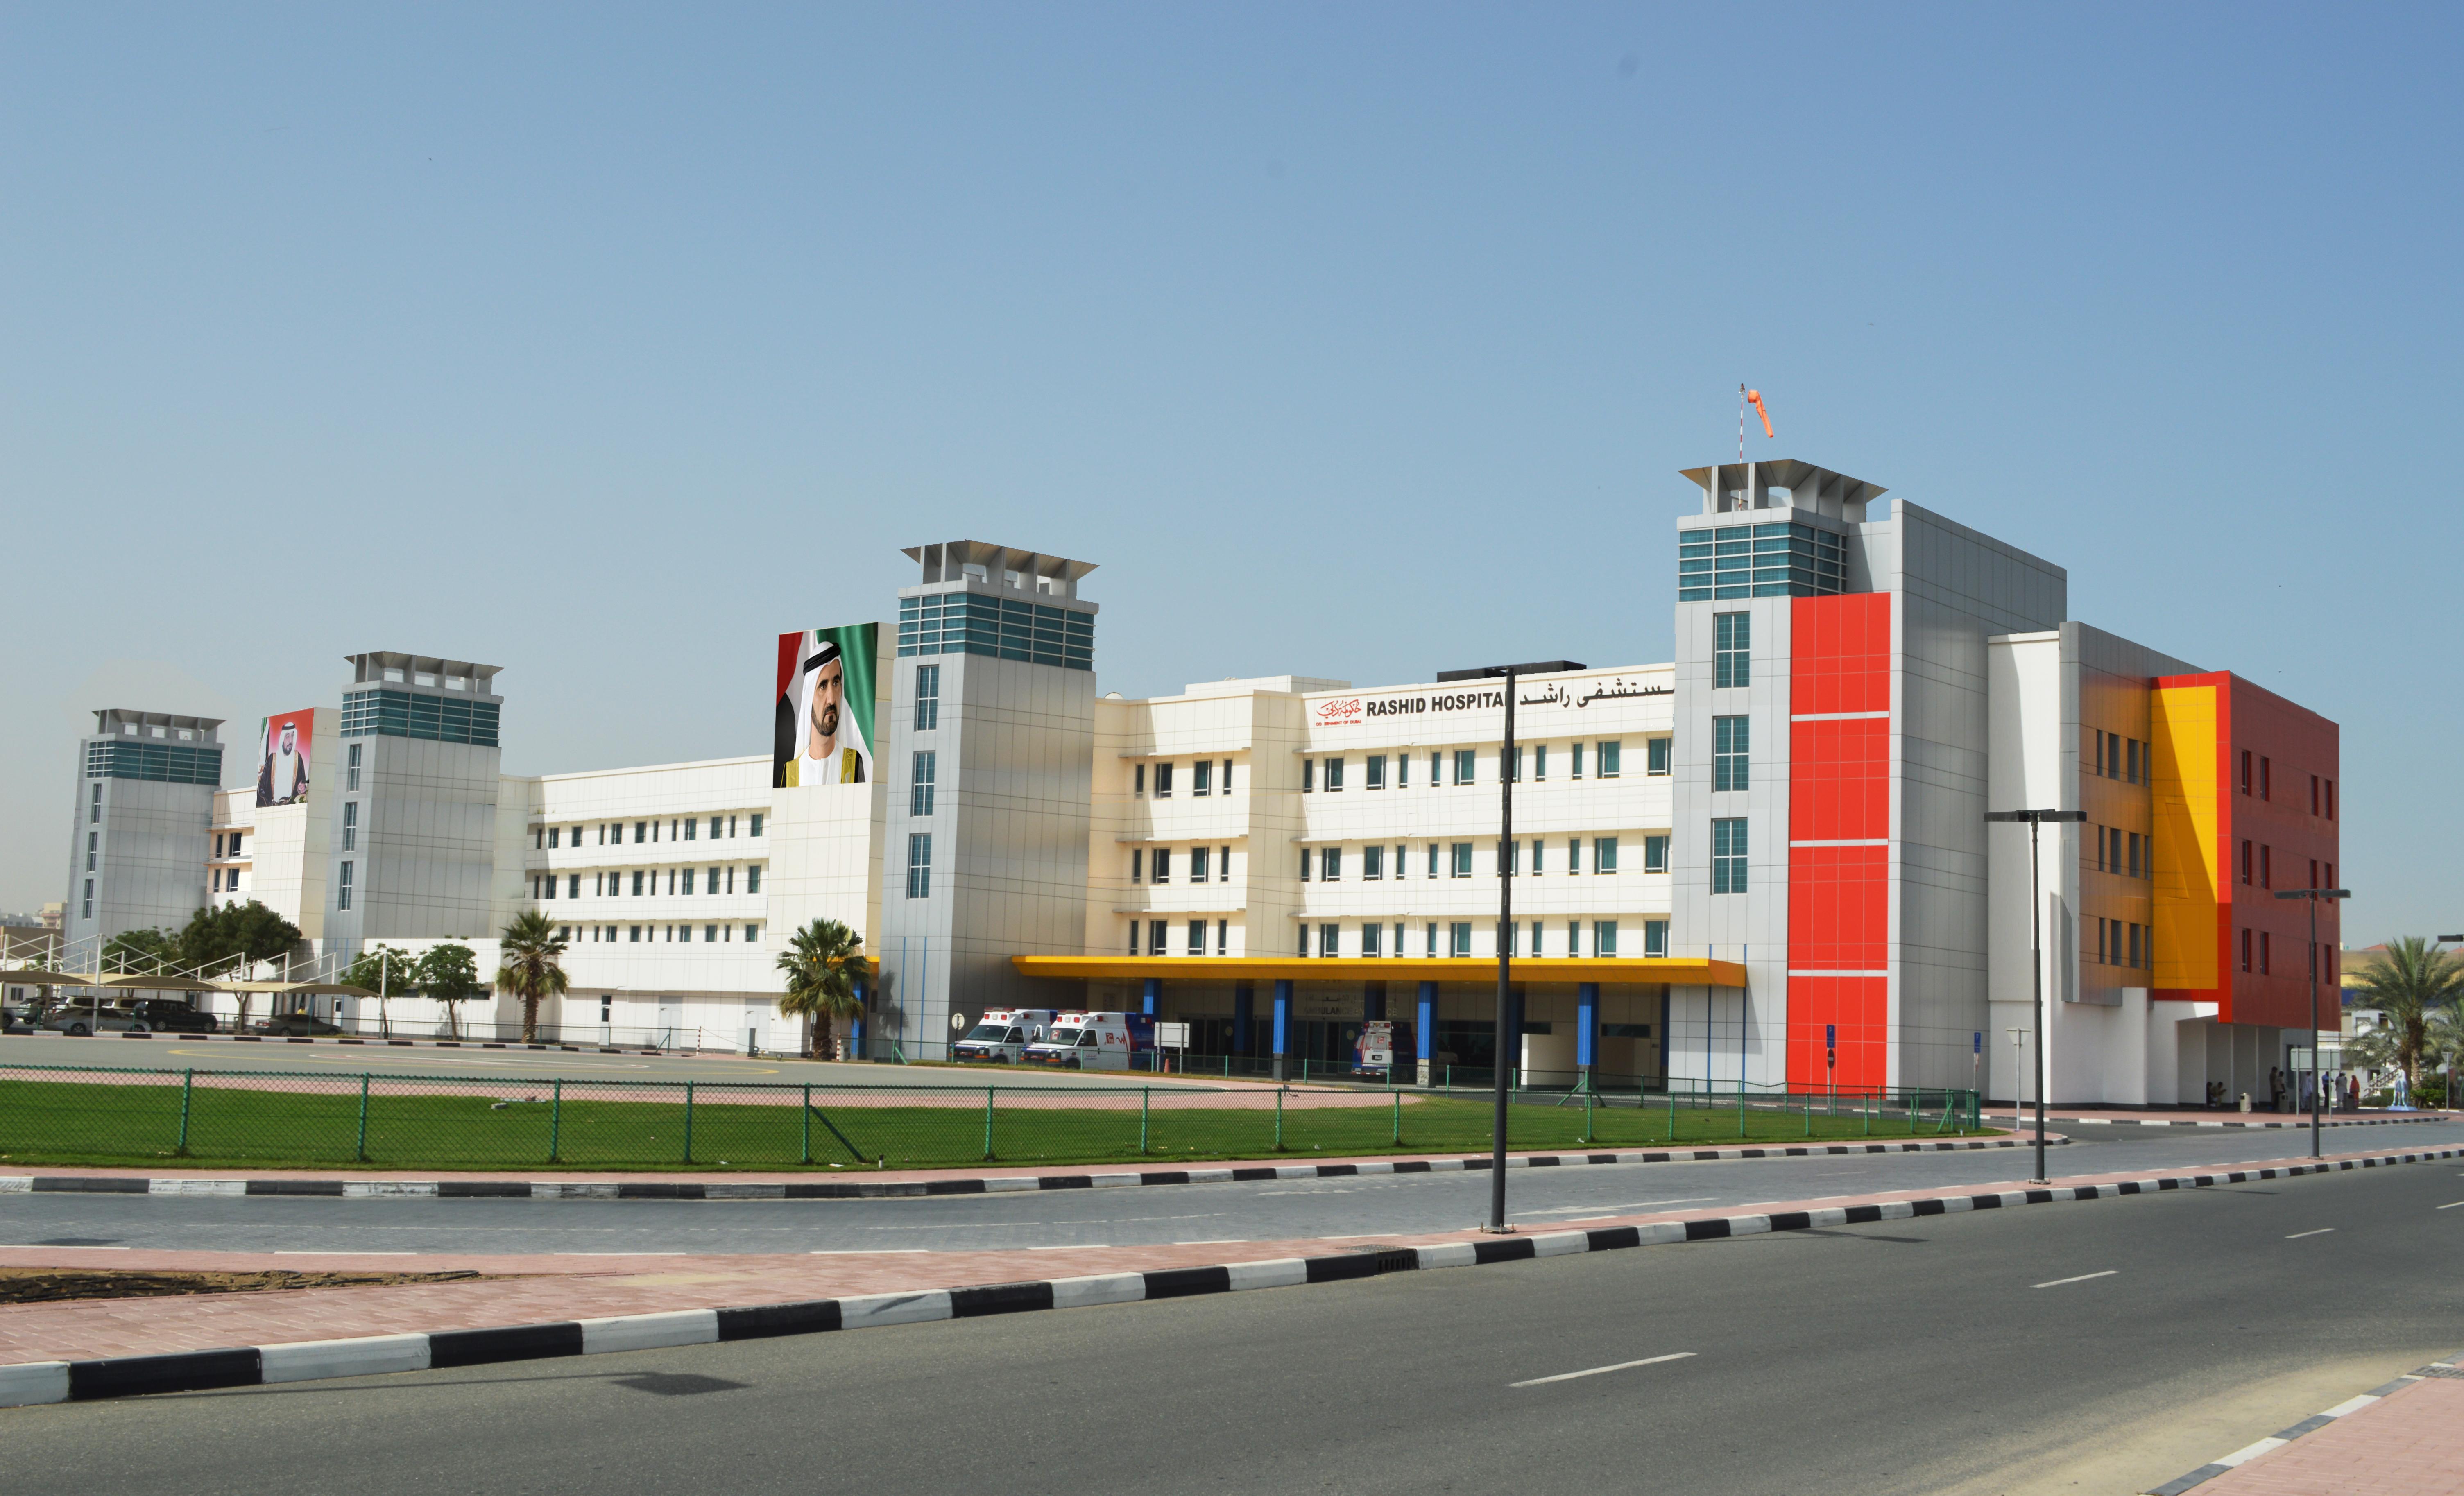 Rashid Hospital A&E Centre